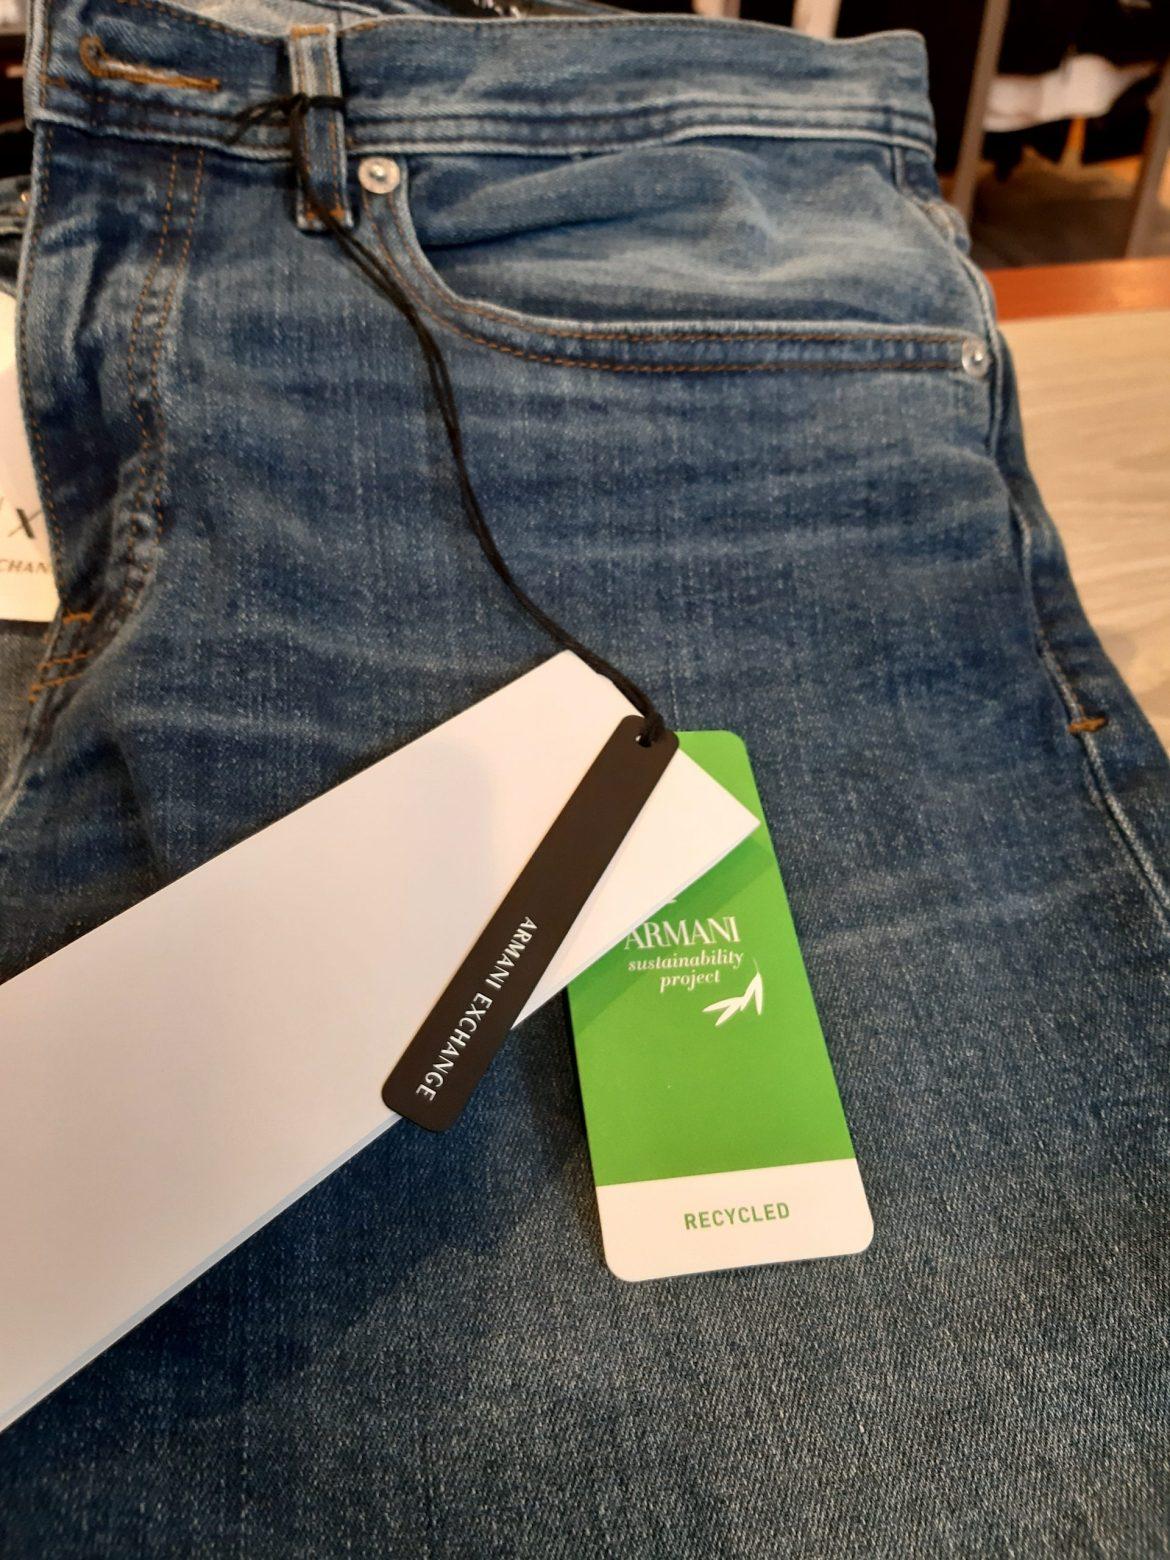 Jeanswear Armani Exchange vitrine de Milão com etiqueta reciclado